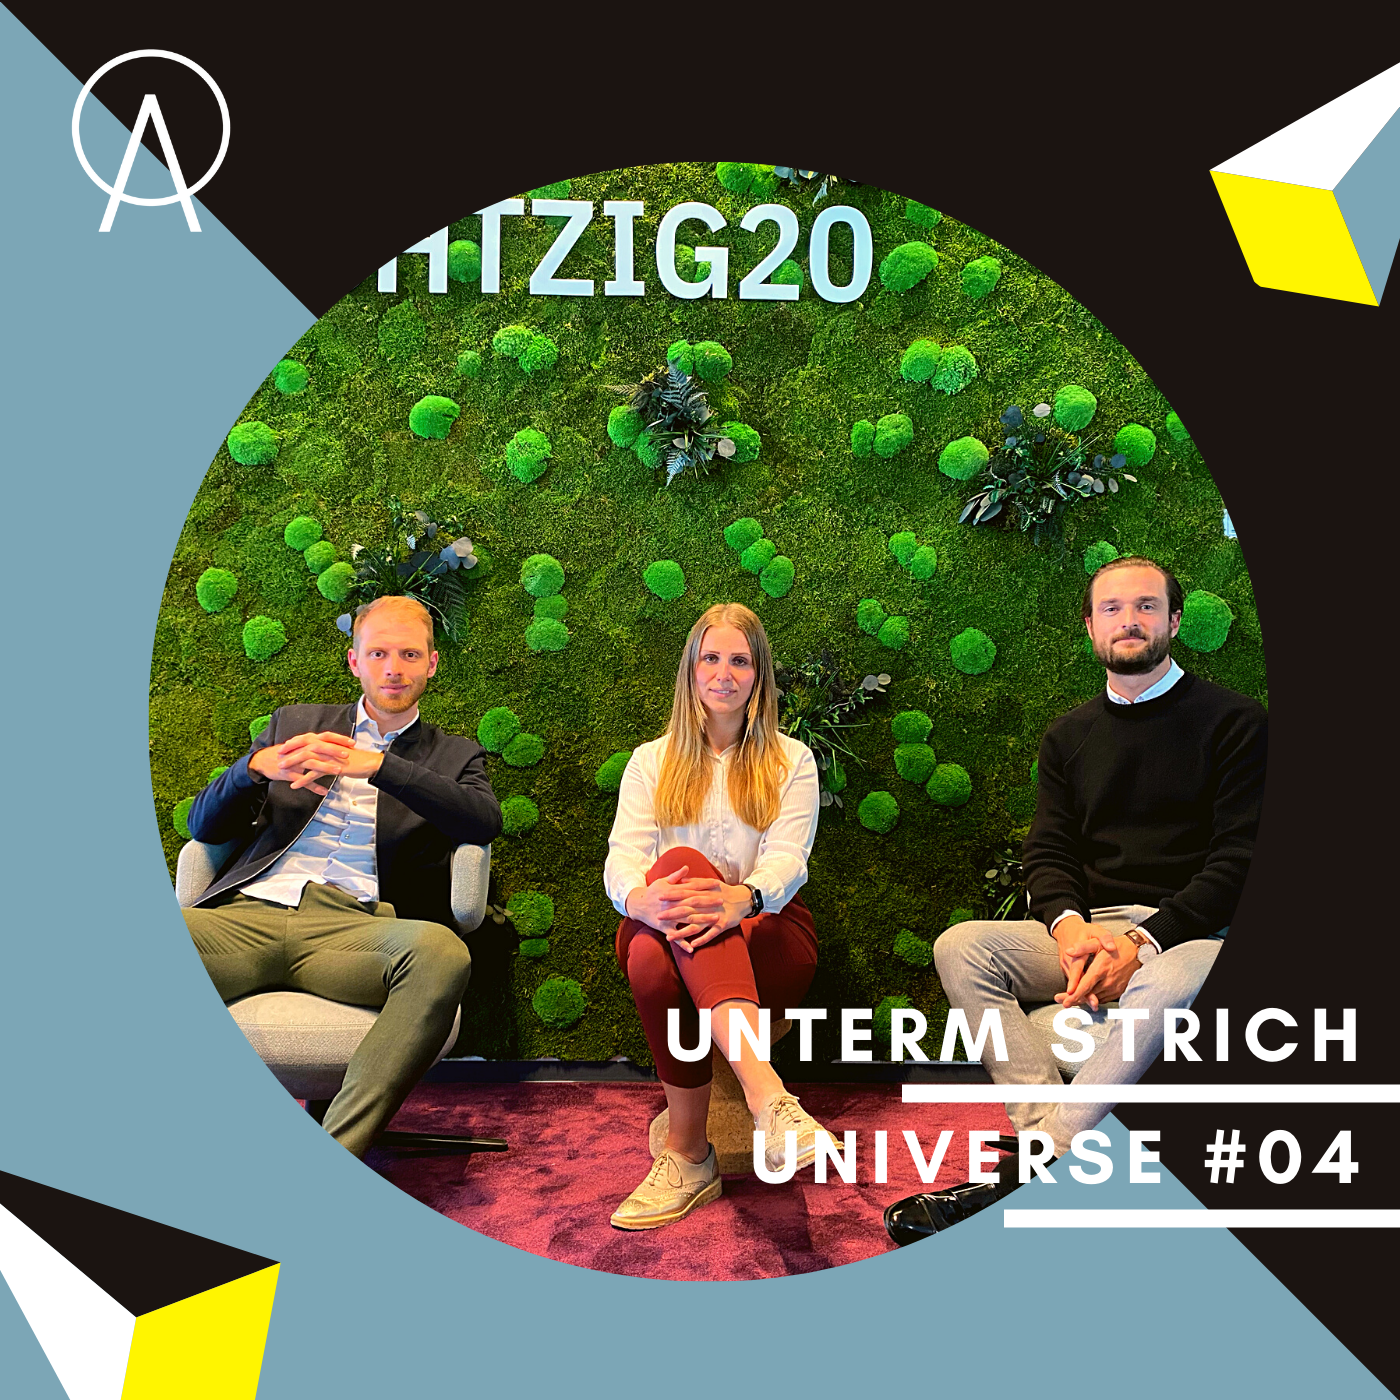 Unterm Strich: Achtzig20 Universe #04 mit dem Stuttgarter A-Team